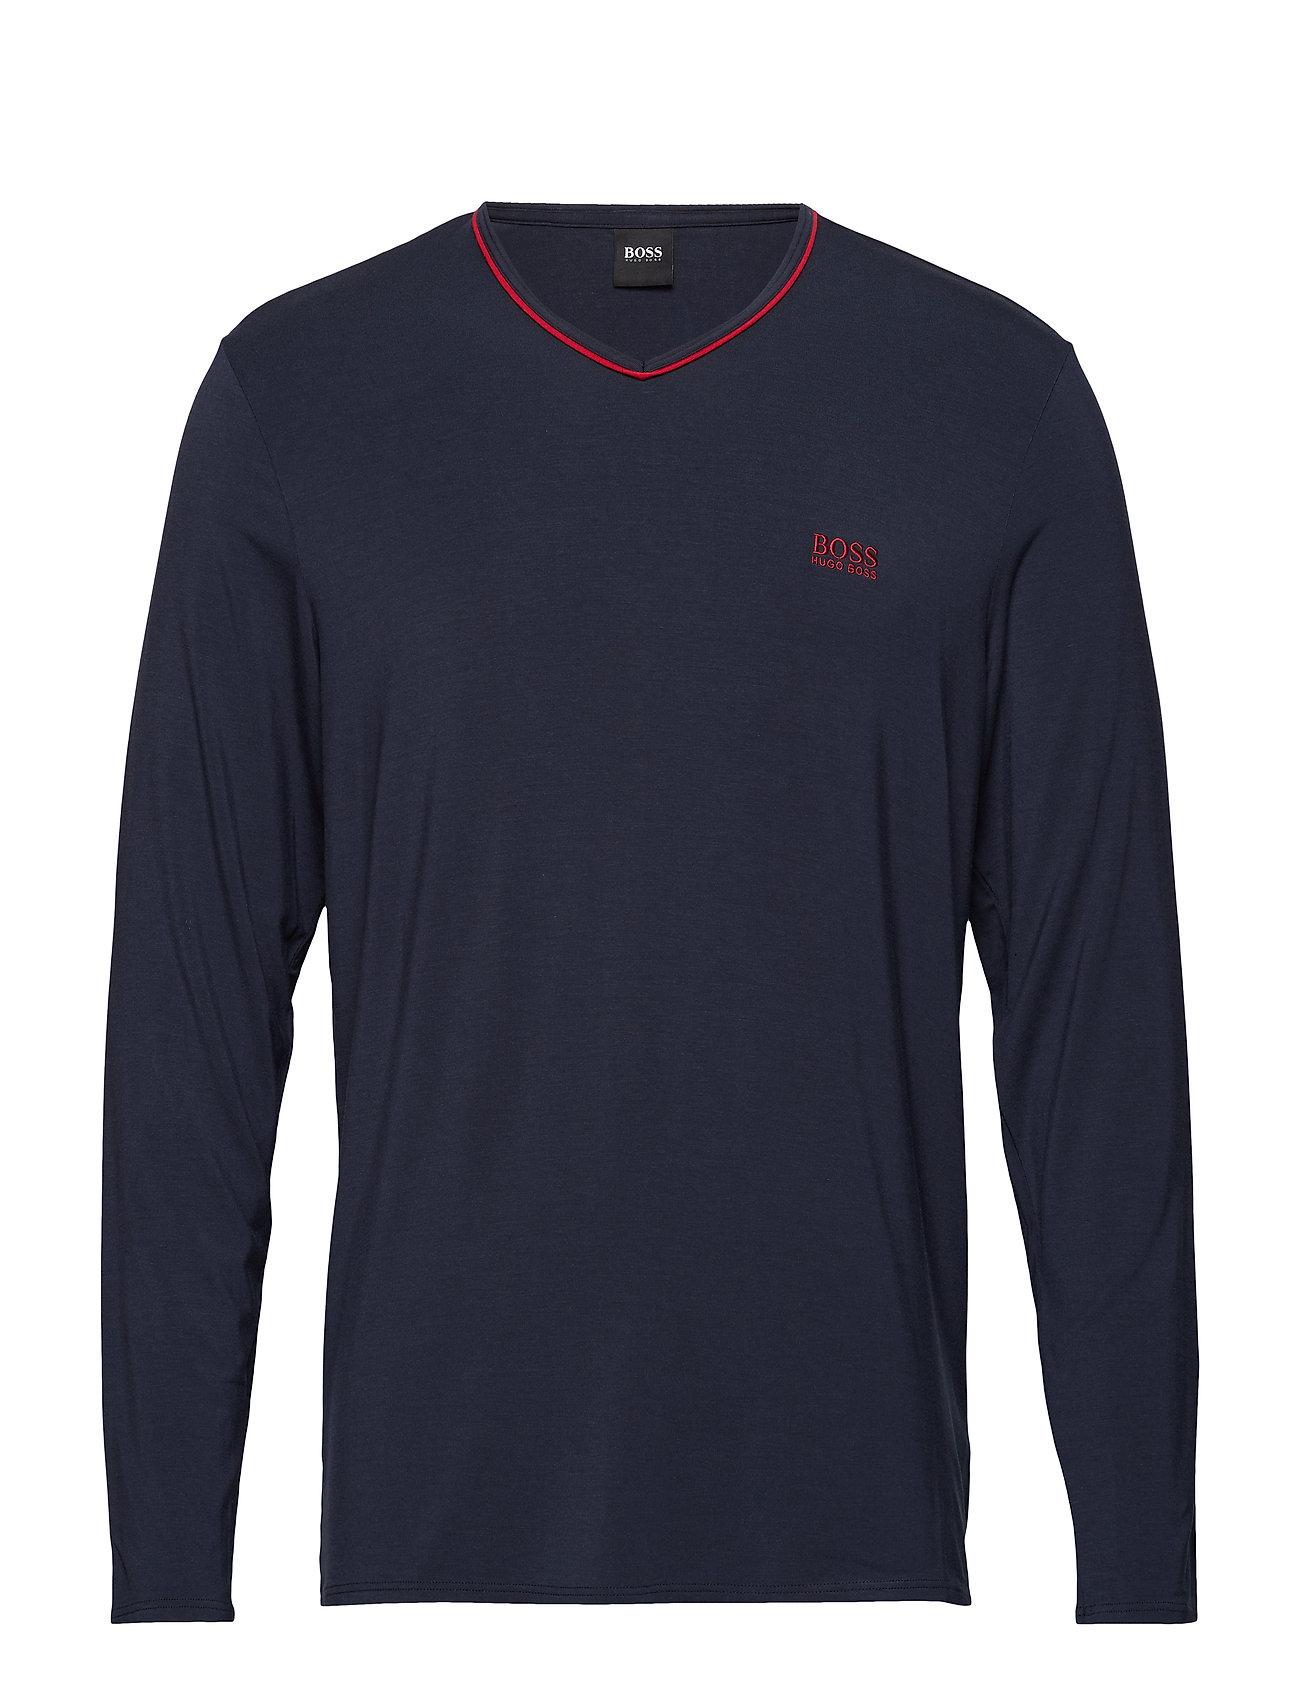 BOSS Business Wear Silk LS-Shirt VN